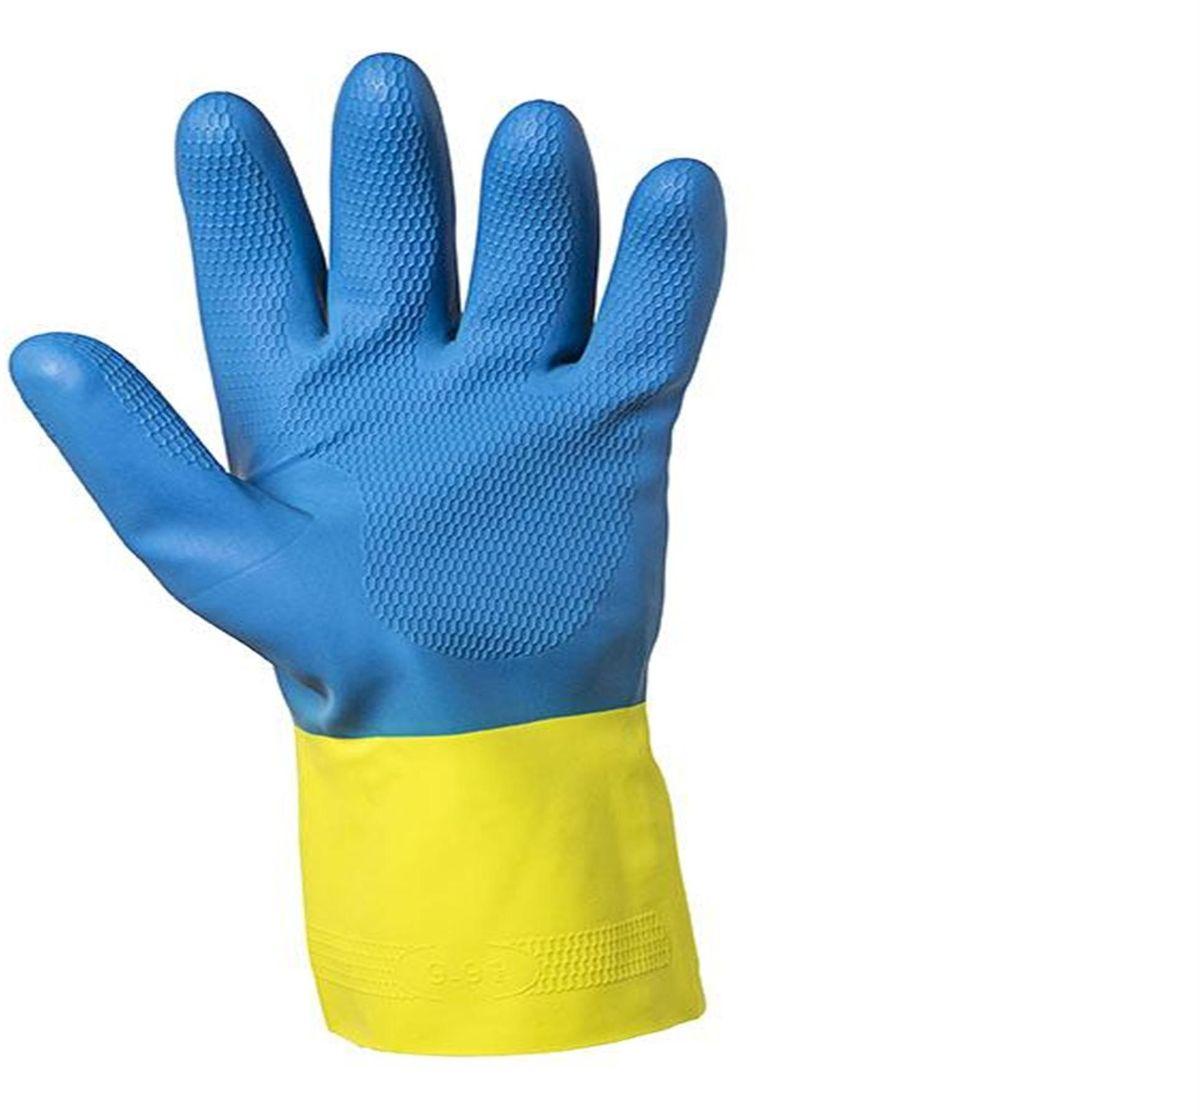 Перчатки хозяйственные Jackson Safety G80, размер 7 (S), цвет: желтый, голубой, 60 пар21395599Защитные перчатки JACKSON SAFETY® G80 латекс/неопрен для защиты от химических веществ подходят для целого спектра областей применения: обеспечивают надежную защиту от воздействия химических веществ. Относятся к СИЗ категории III (CE Complex), а также обеспечивают защиту от механического воздействия в тех областях, где работают с химическими веществами, маслами, густыми смазками, кислотами, каустическими средствами или растворителями. Разрешен контакт с пищевыми продуктами. Поставляются в виде пары перчаток с индивидуальным дизайном для левой и правой руки; толщина 0,70 мм; имеют неопреновое покрытие поверх латекса для обеспечения максимальной защиты, а также для улучшения гибкости материала. Удлиненные манжеты, текстурированный материал в области ладони обеспечивает отличный захват при работе сухими/влажными поверхностями; хлопковое напыление на внутренней стороне перчатки обеспечивает легкость при надевании/снятии перчатки, а также комфорт при длительном использовании. Хлорированы для снижения воздействия латексных протеинов на кожу.Размеры:38741 - S (7)38742 - M (8)38743 - L (9)38744 - XL (10)